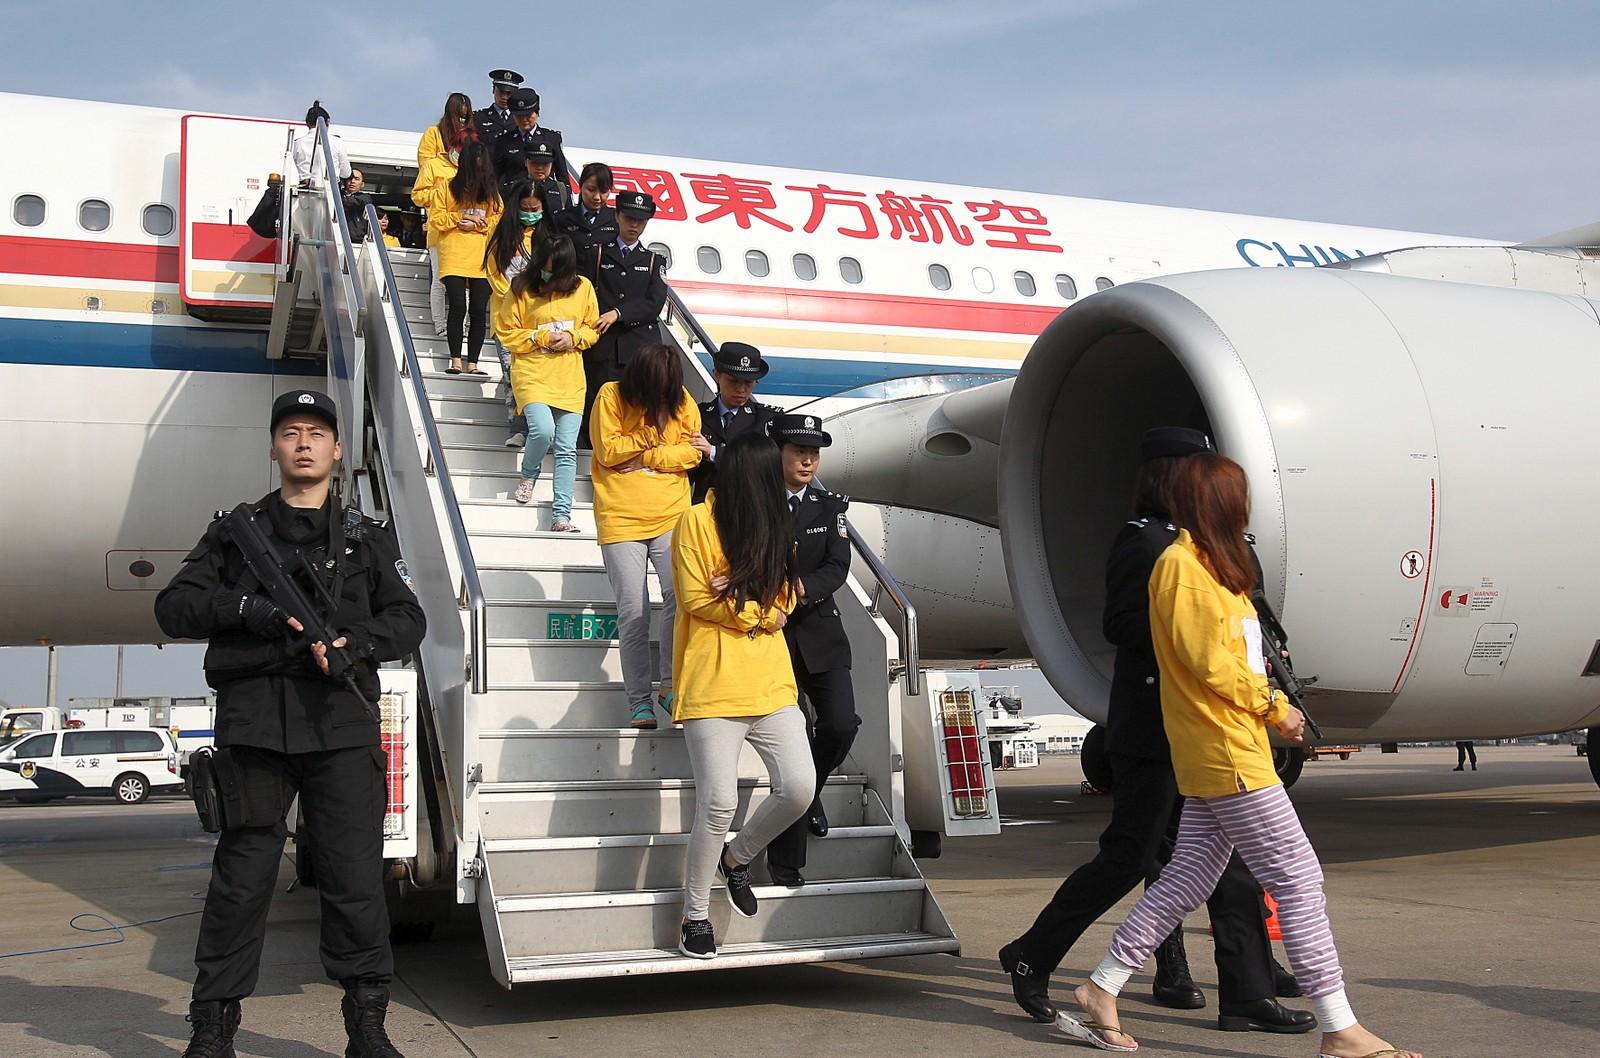 Rundt 254 mistenkte i en stor telesvindelsak ble tirsdag fraktet til Shanghai i fire chartrede fly fra Jakarta og Phnom Penh. De mistenkte skal ha svindlet til seg penger ved å gi seg ut for å være ansatte i mobilselskaper som China Unicom og China Mobile og banker som Bank of Shanghai og Commercial Bank of China.